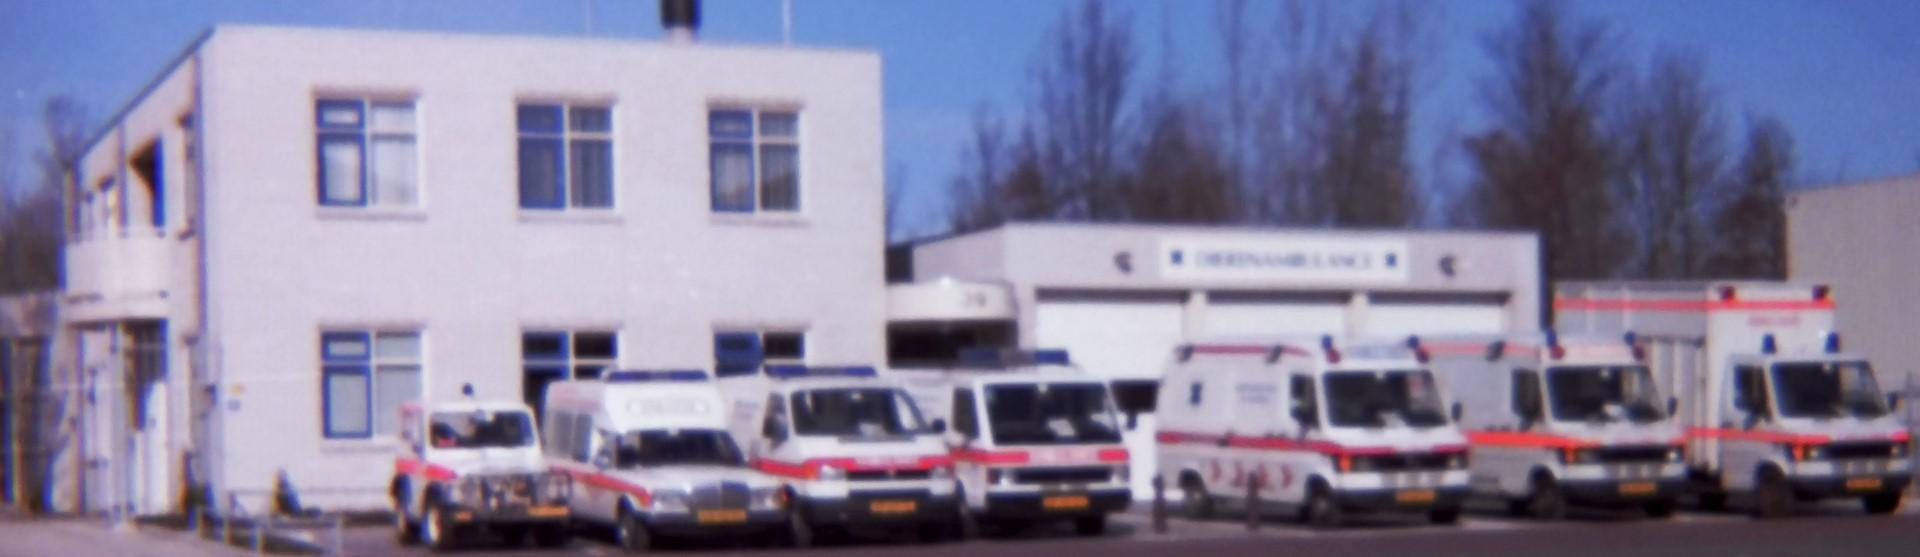 Nieuwbouw Stichting Dierenambulance de Wijs